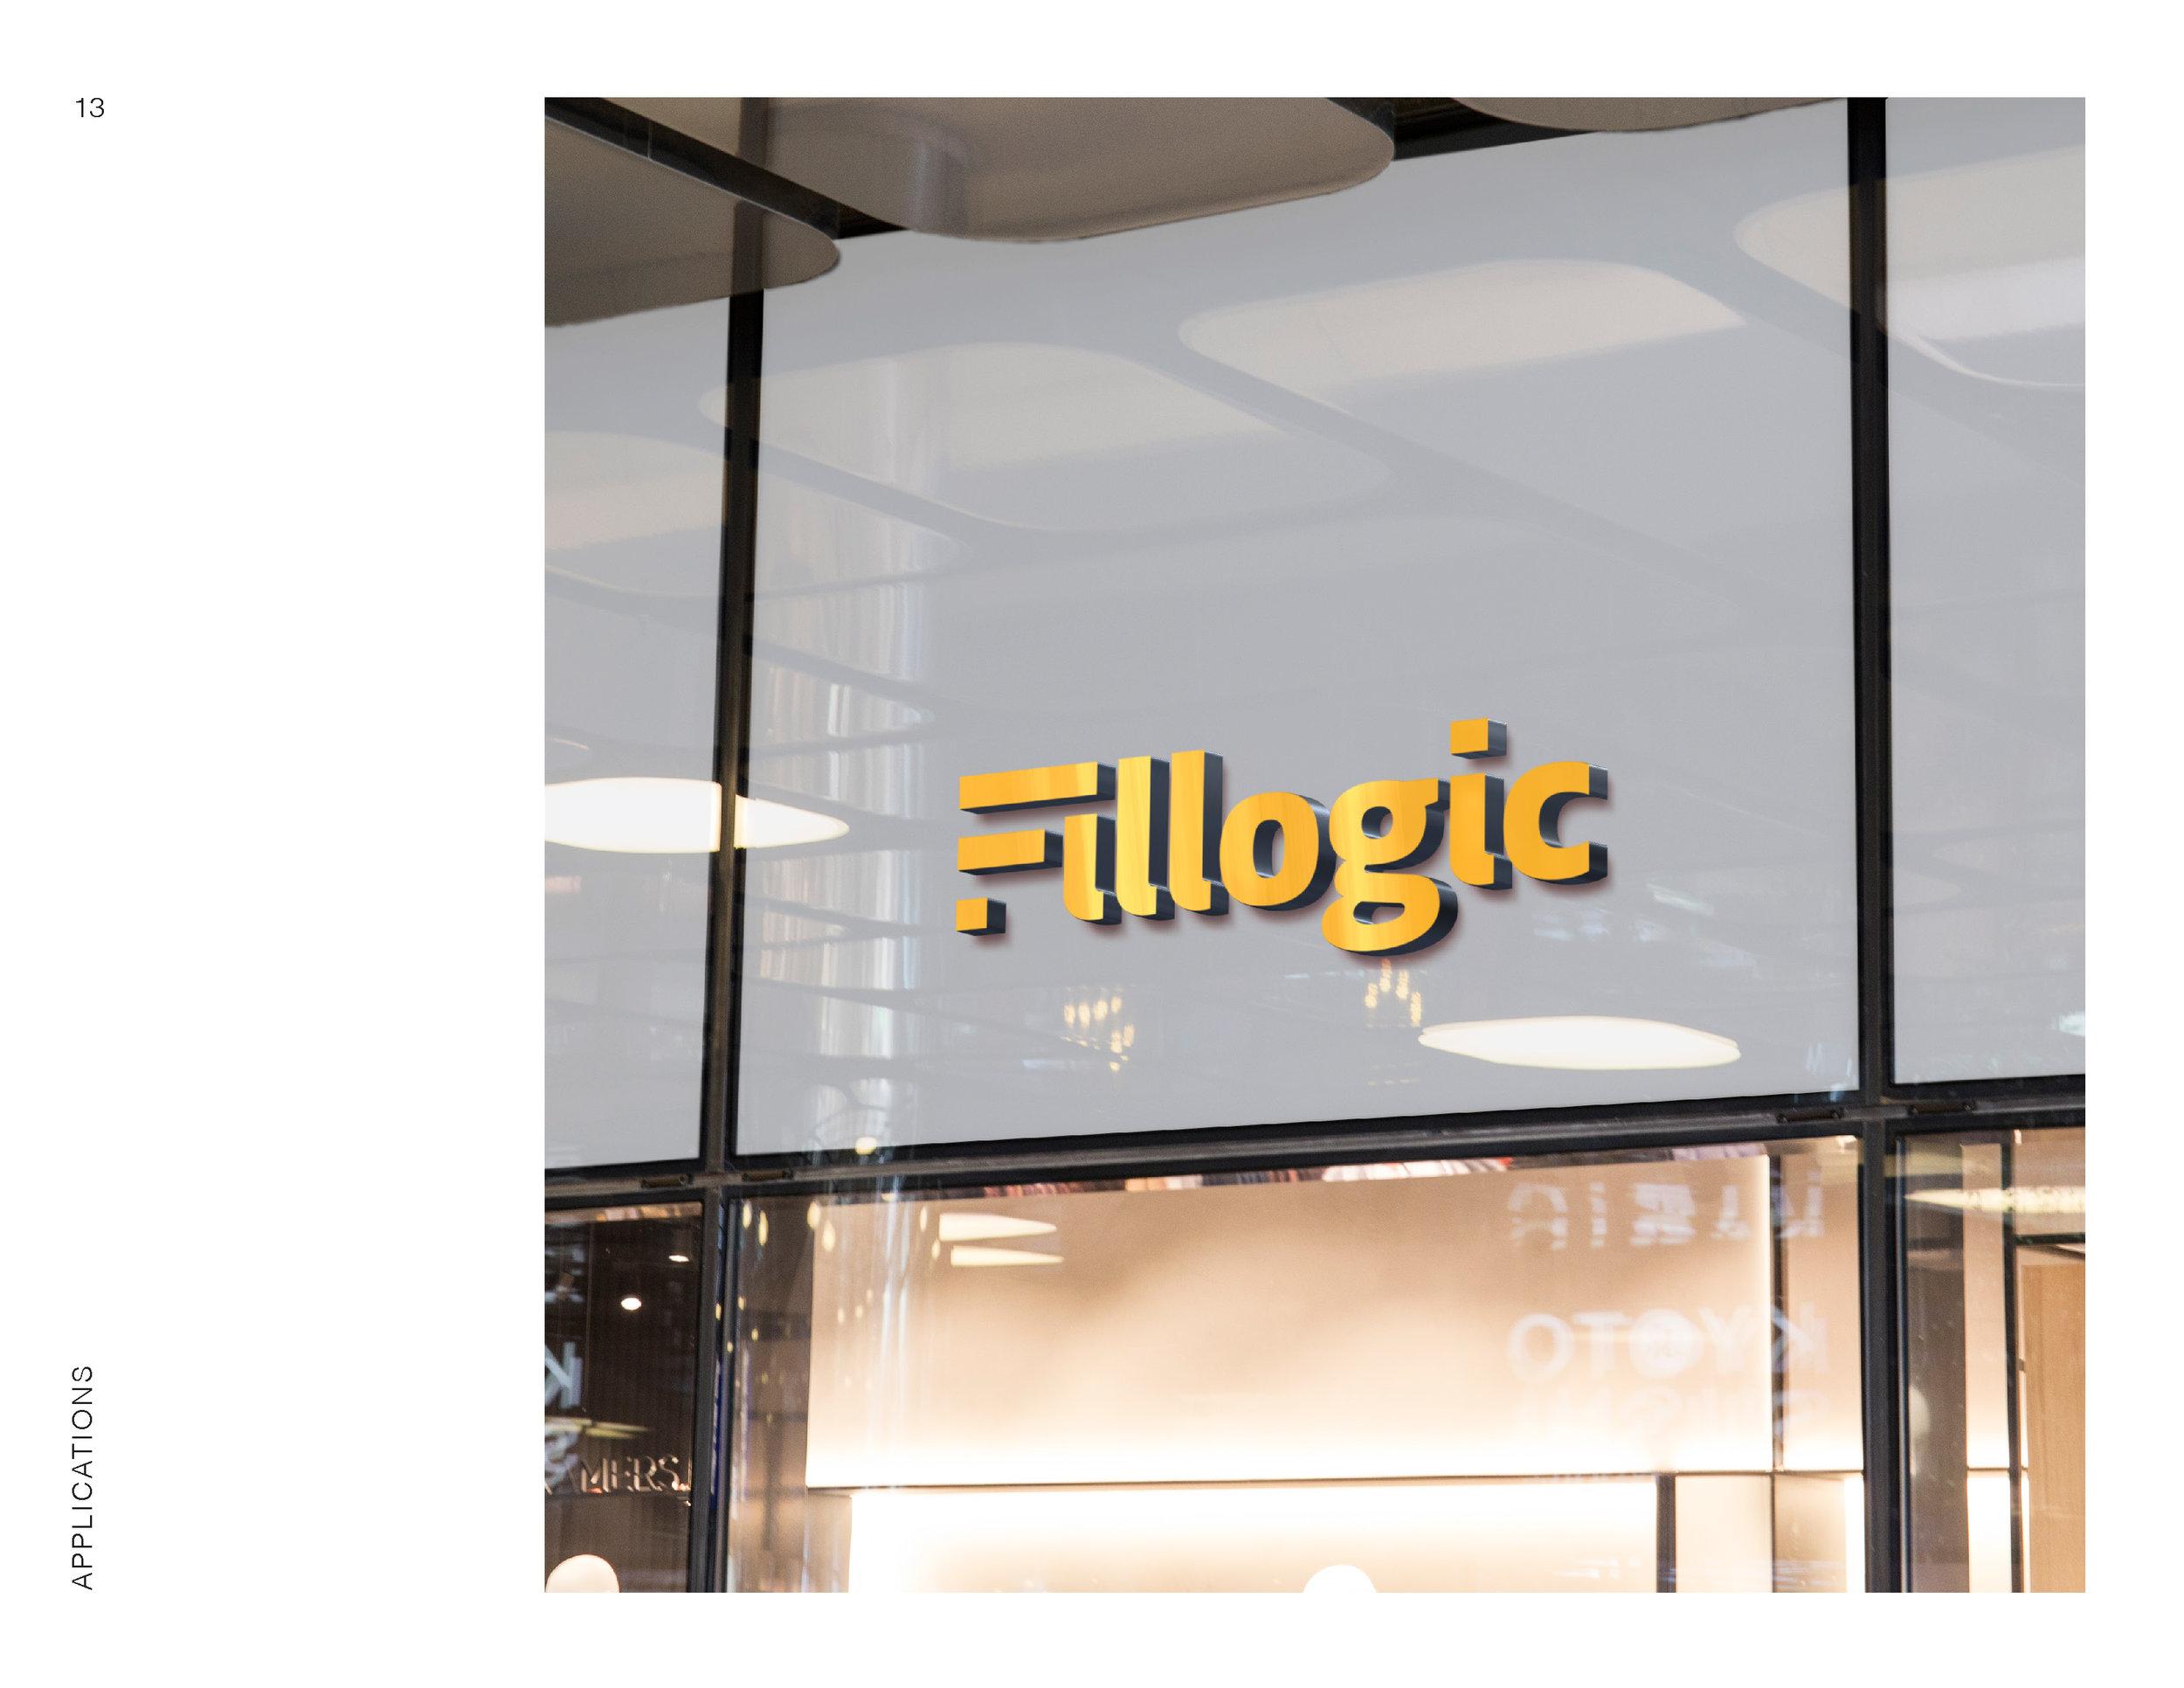 Fillogic Master Brand_Page_13.jpg